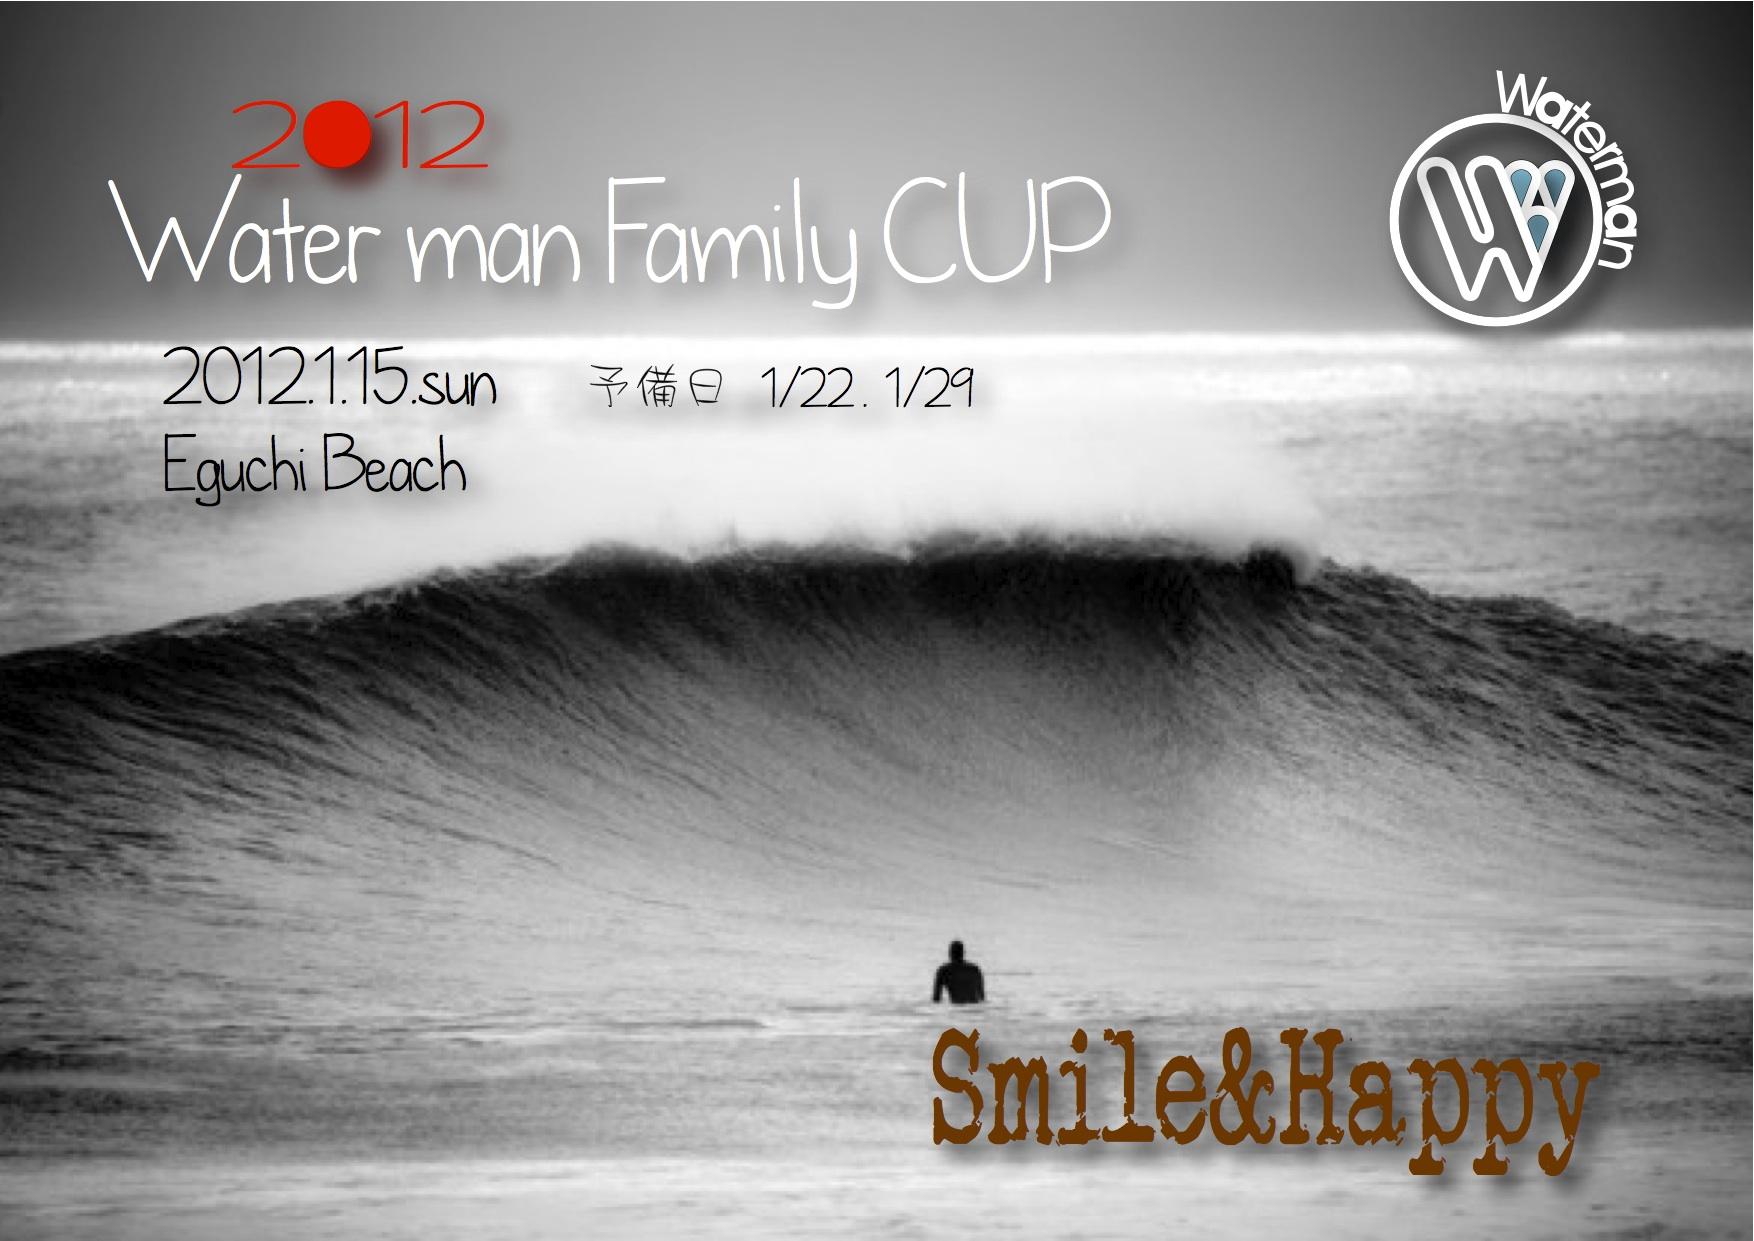 2012Water man ファミリーカップ開催!_f0040206_15313821.jpg